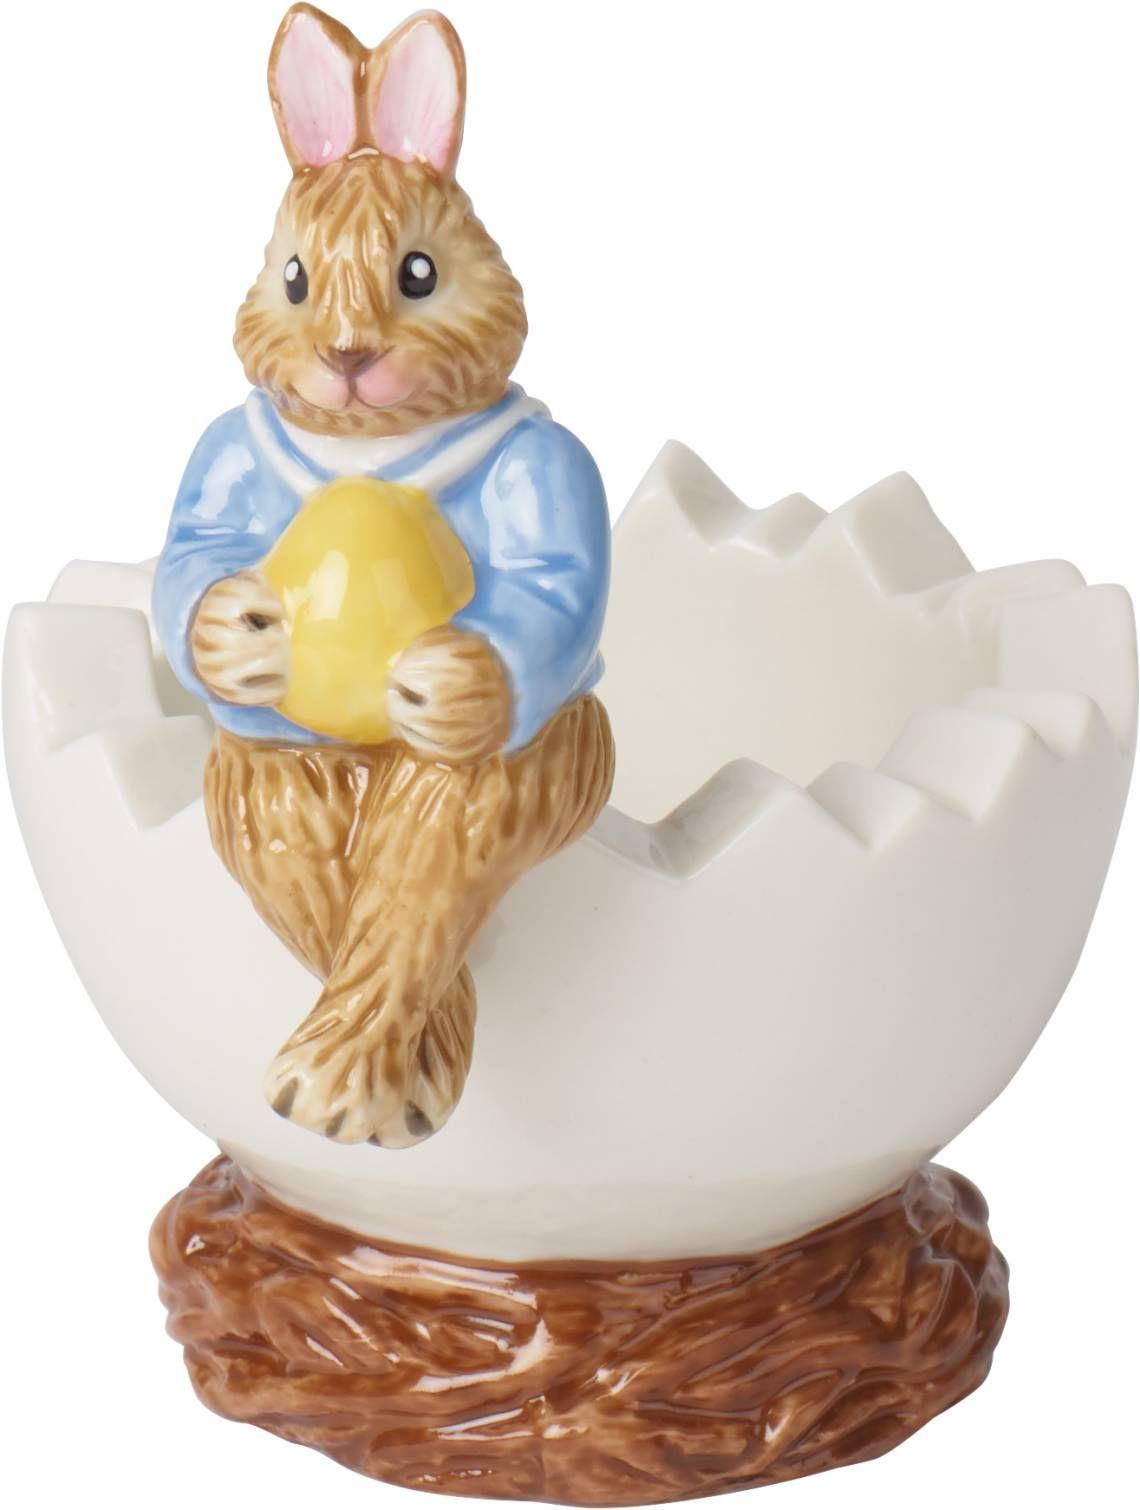 Ostern Eierbecher Hase Osterhase Eierbecher Villeroy Und Boch Teelichthalter Villeroy Und Boch Teelicht